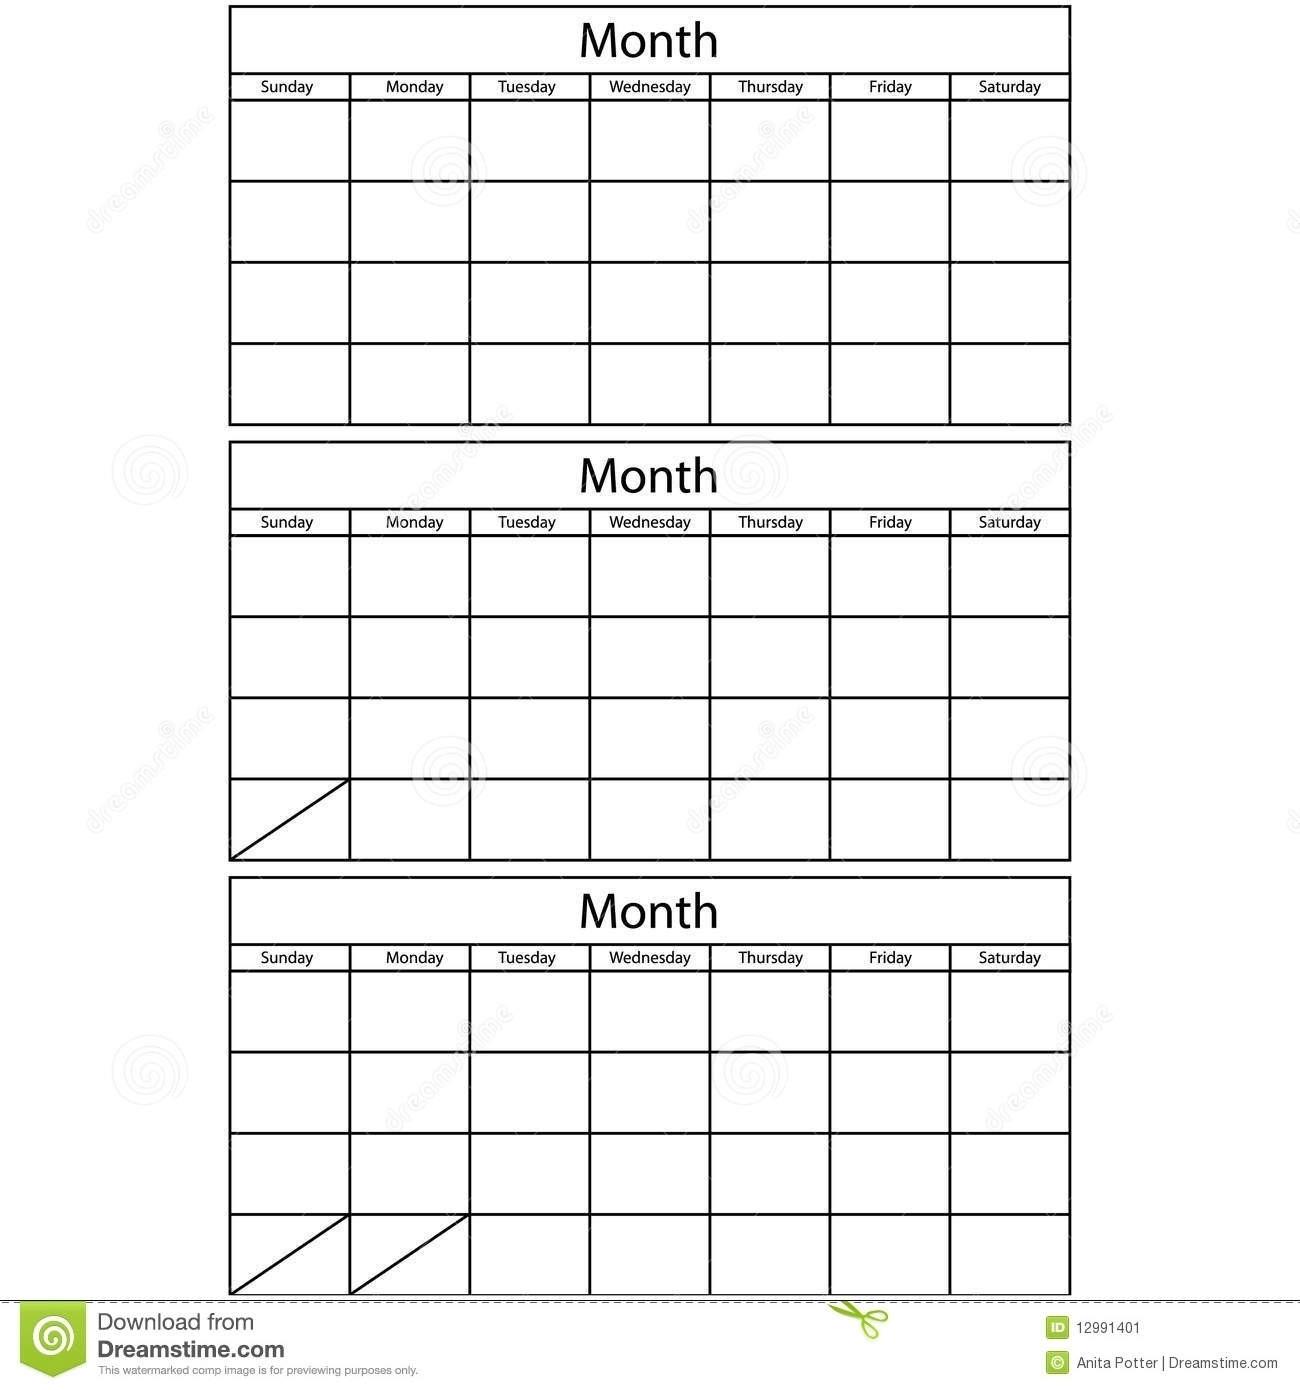 Depo Perpetual Calendar 2021 | Printable Calendar Template  2021 Depo Provera Dosing Calendar